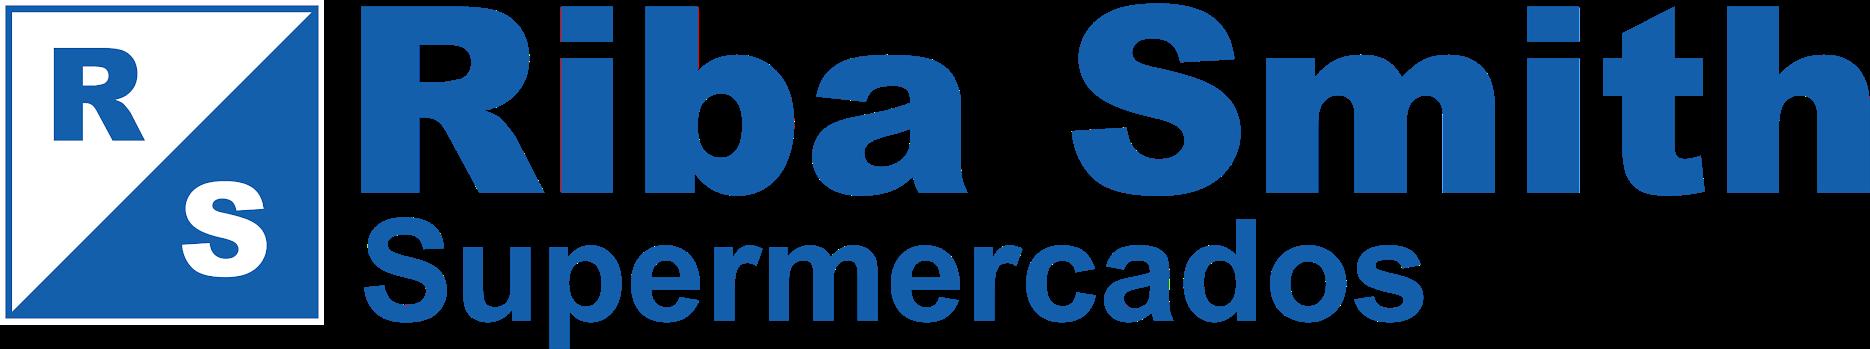 Supermercado Riba Smith - Compras online y Envió Gratis